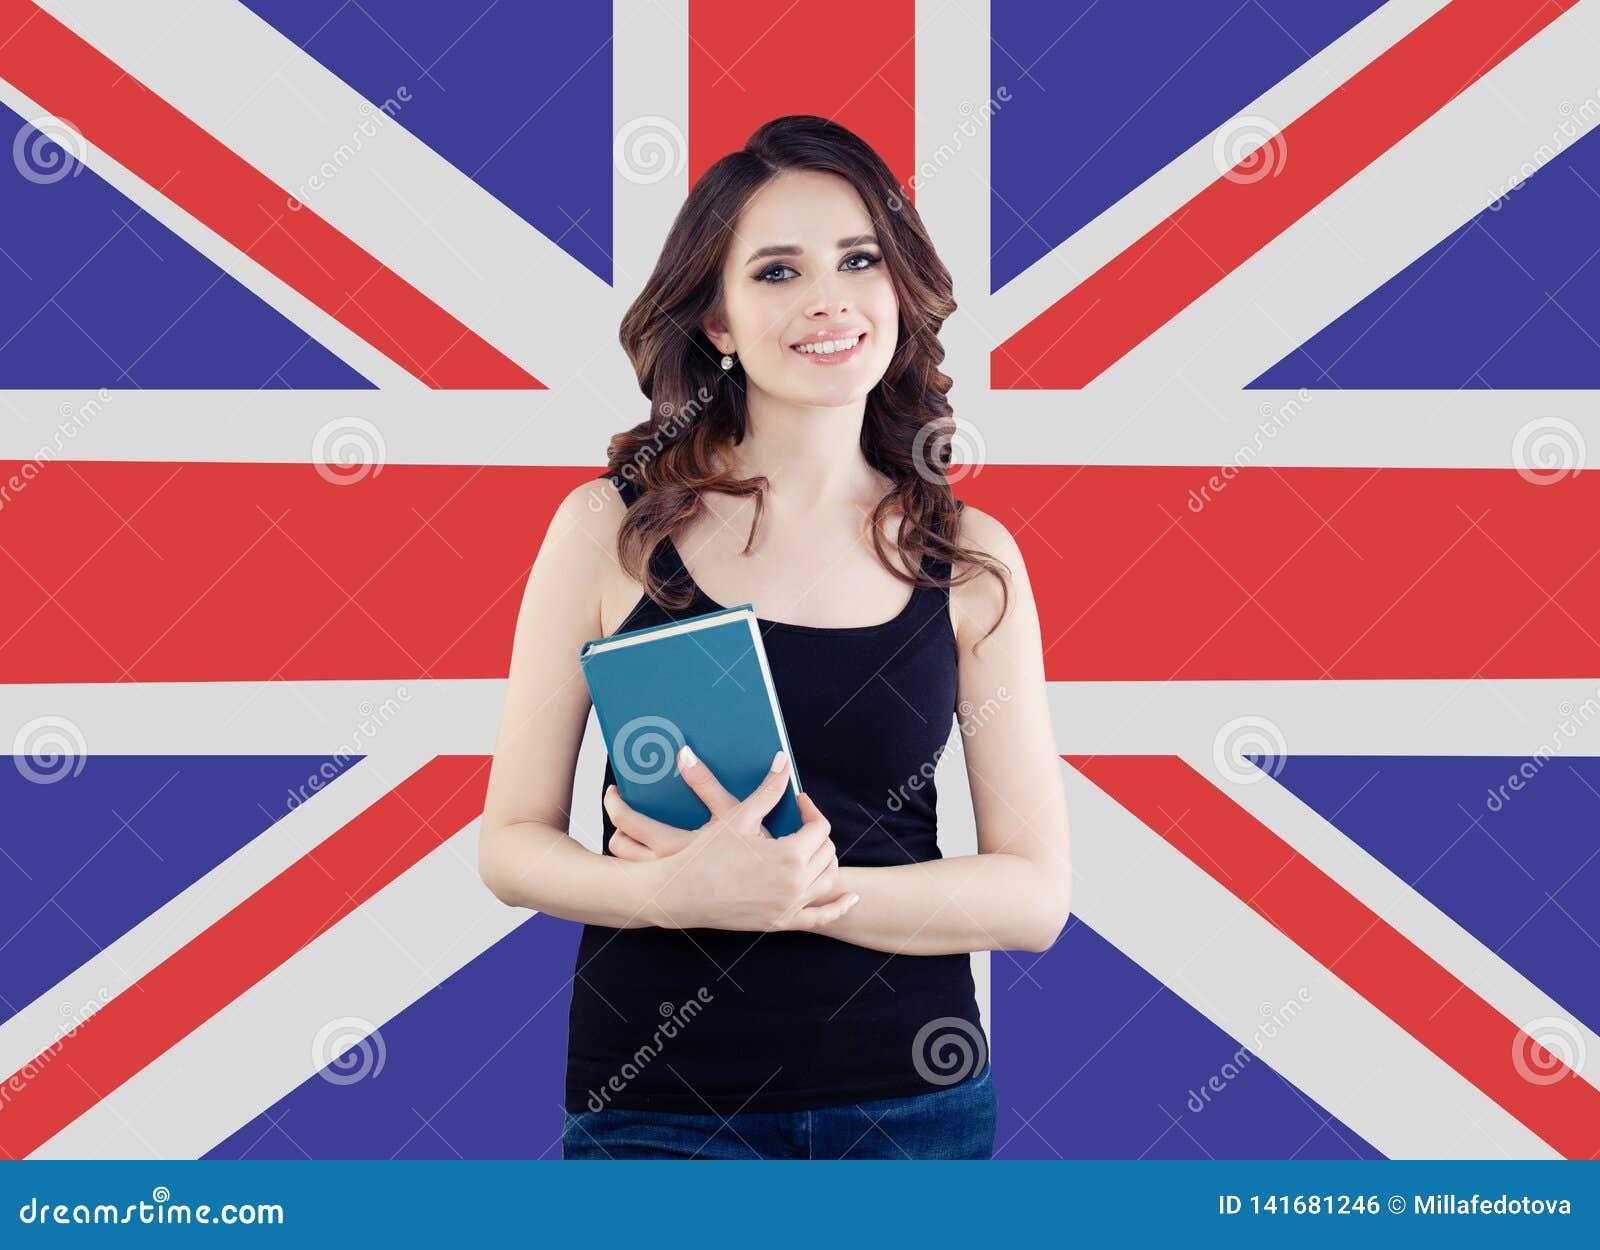 Χαμογελώντας κορίτσι στο υπόβαθρο βρετανικών σημαιών Αρκετά εύθυμη αγγλική γλώσσα εκμάθησης γυναικών και ταξιδεύω στο Ηνωμένο Βασ